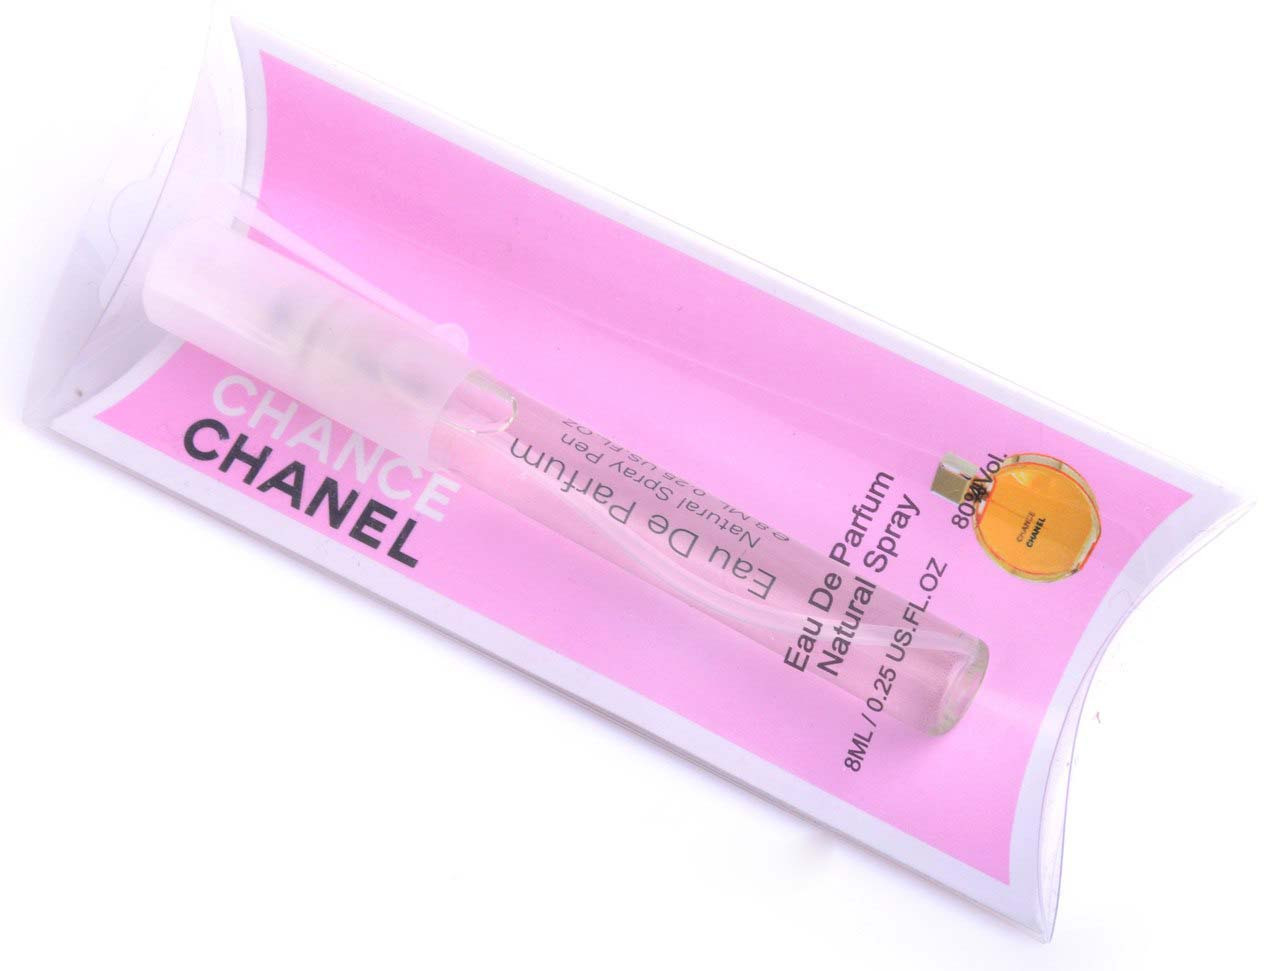 Chanel Chance Eau De Parfum 8 ml